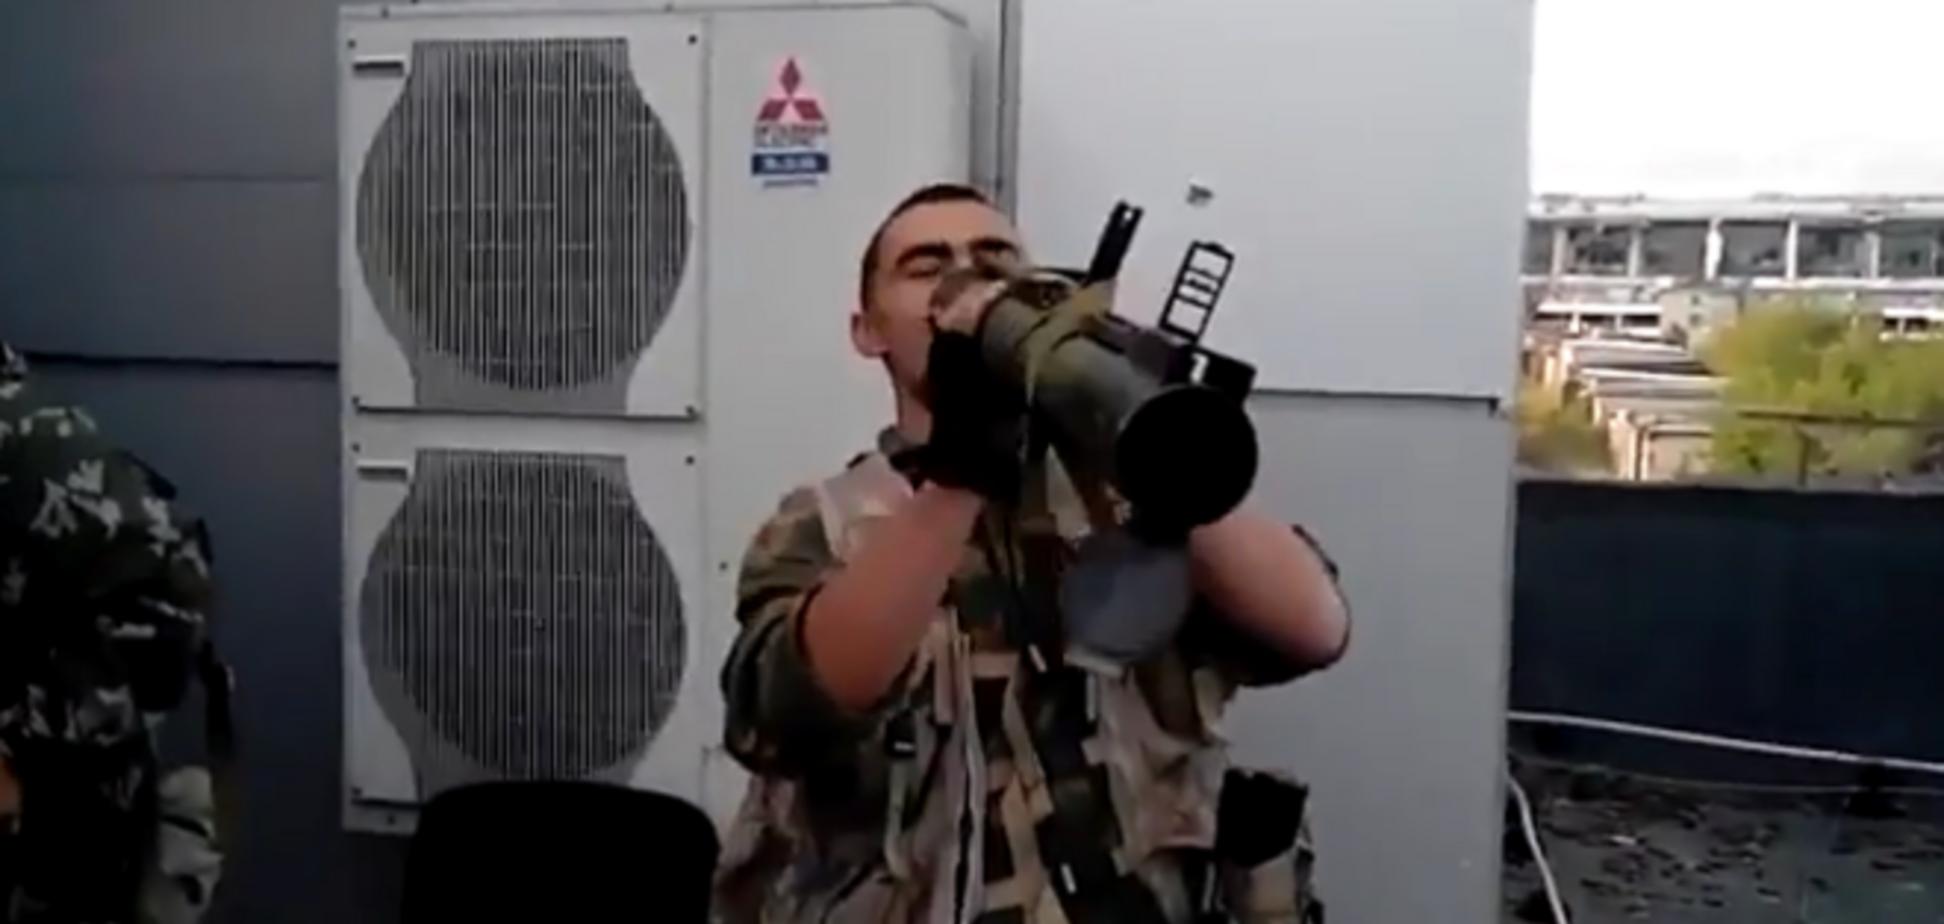 Терористи в донецькому аеропорту зганьбилися, показавши своє невміння поводитися з бойовою технікою: опубліковано відео